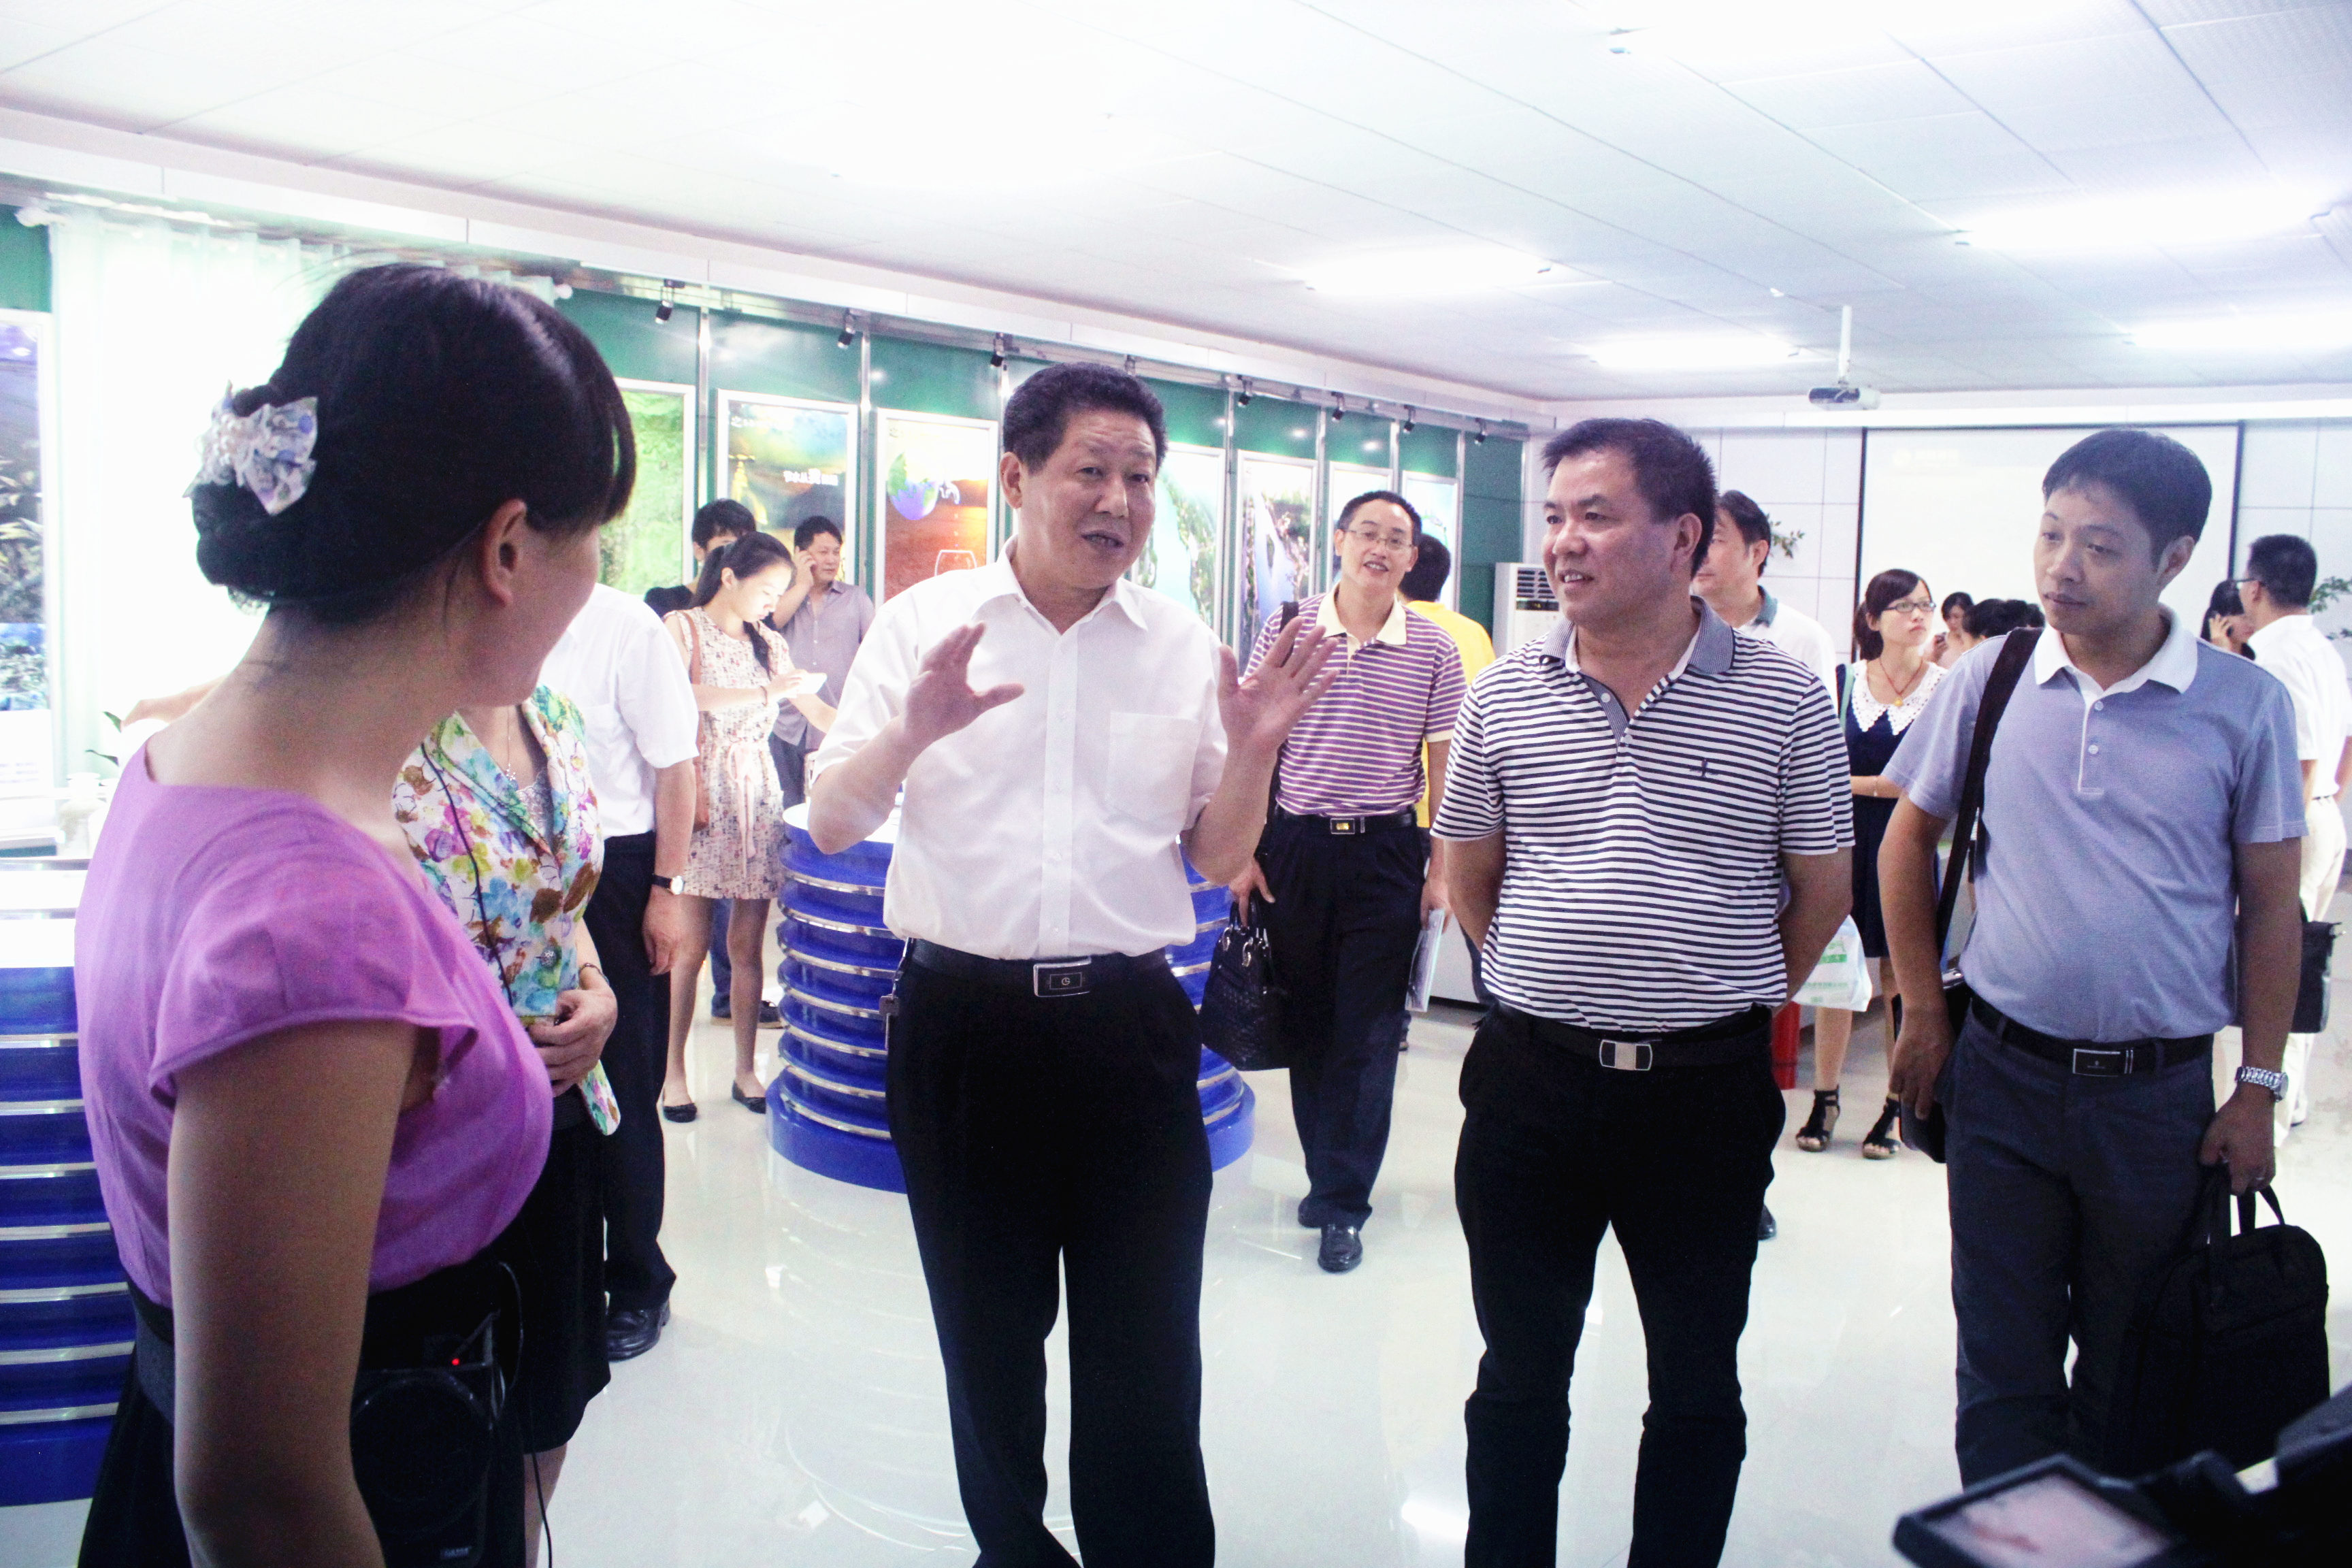 2012年8月,省委宣傳部紀檢組長肖君華在時任市委常委,宣傳部部長錢德喜的帶領下蒞臨公司視察.JPG